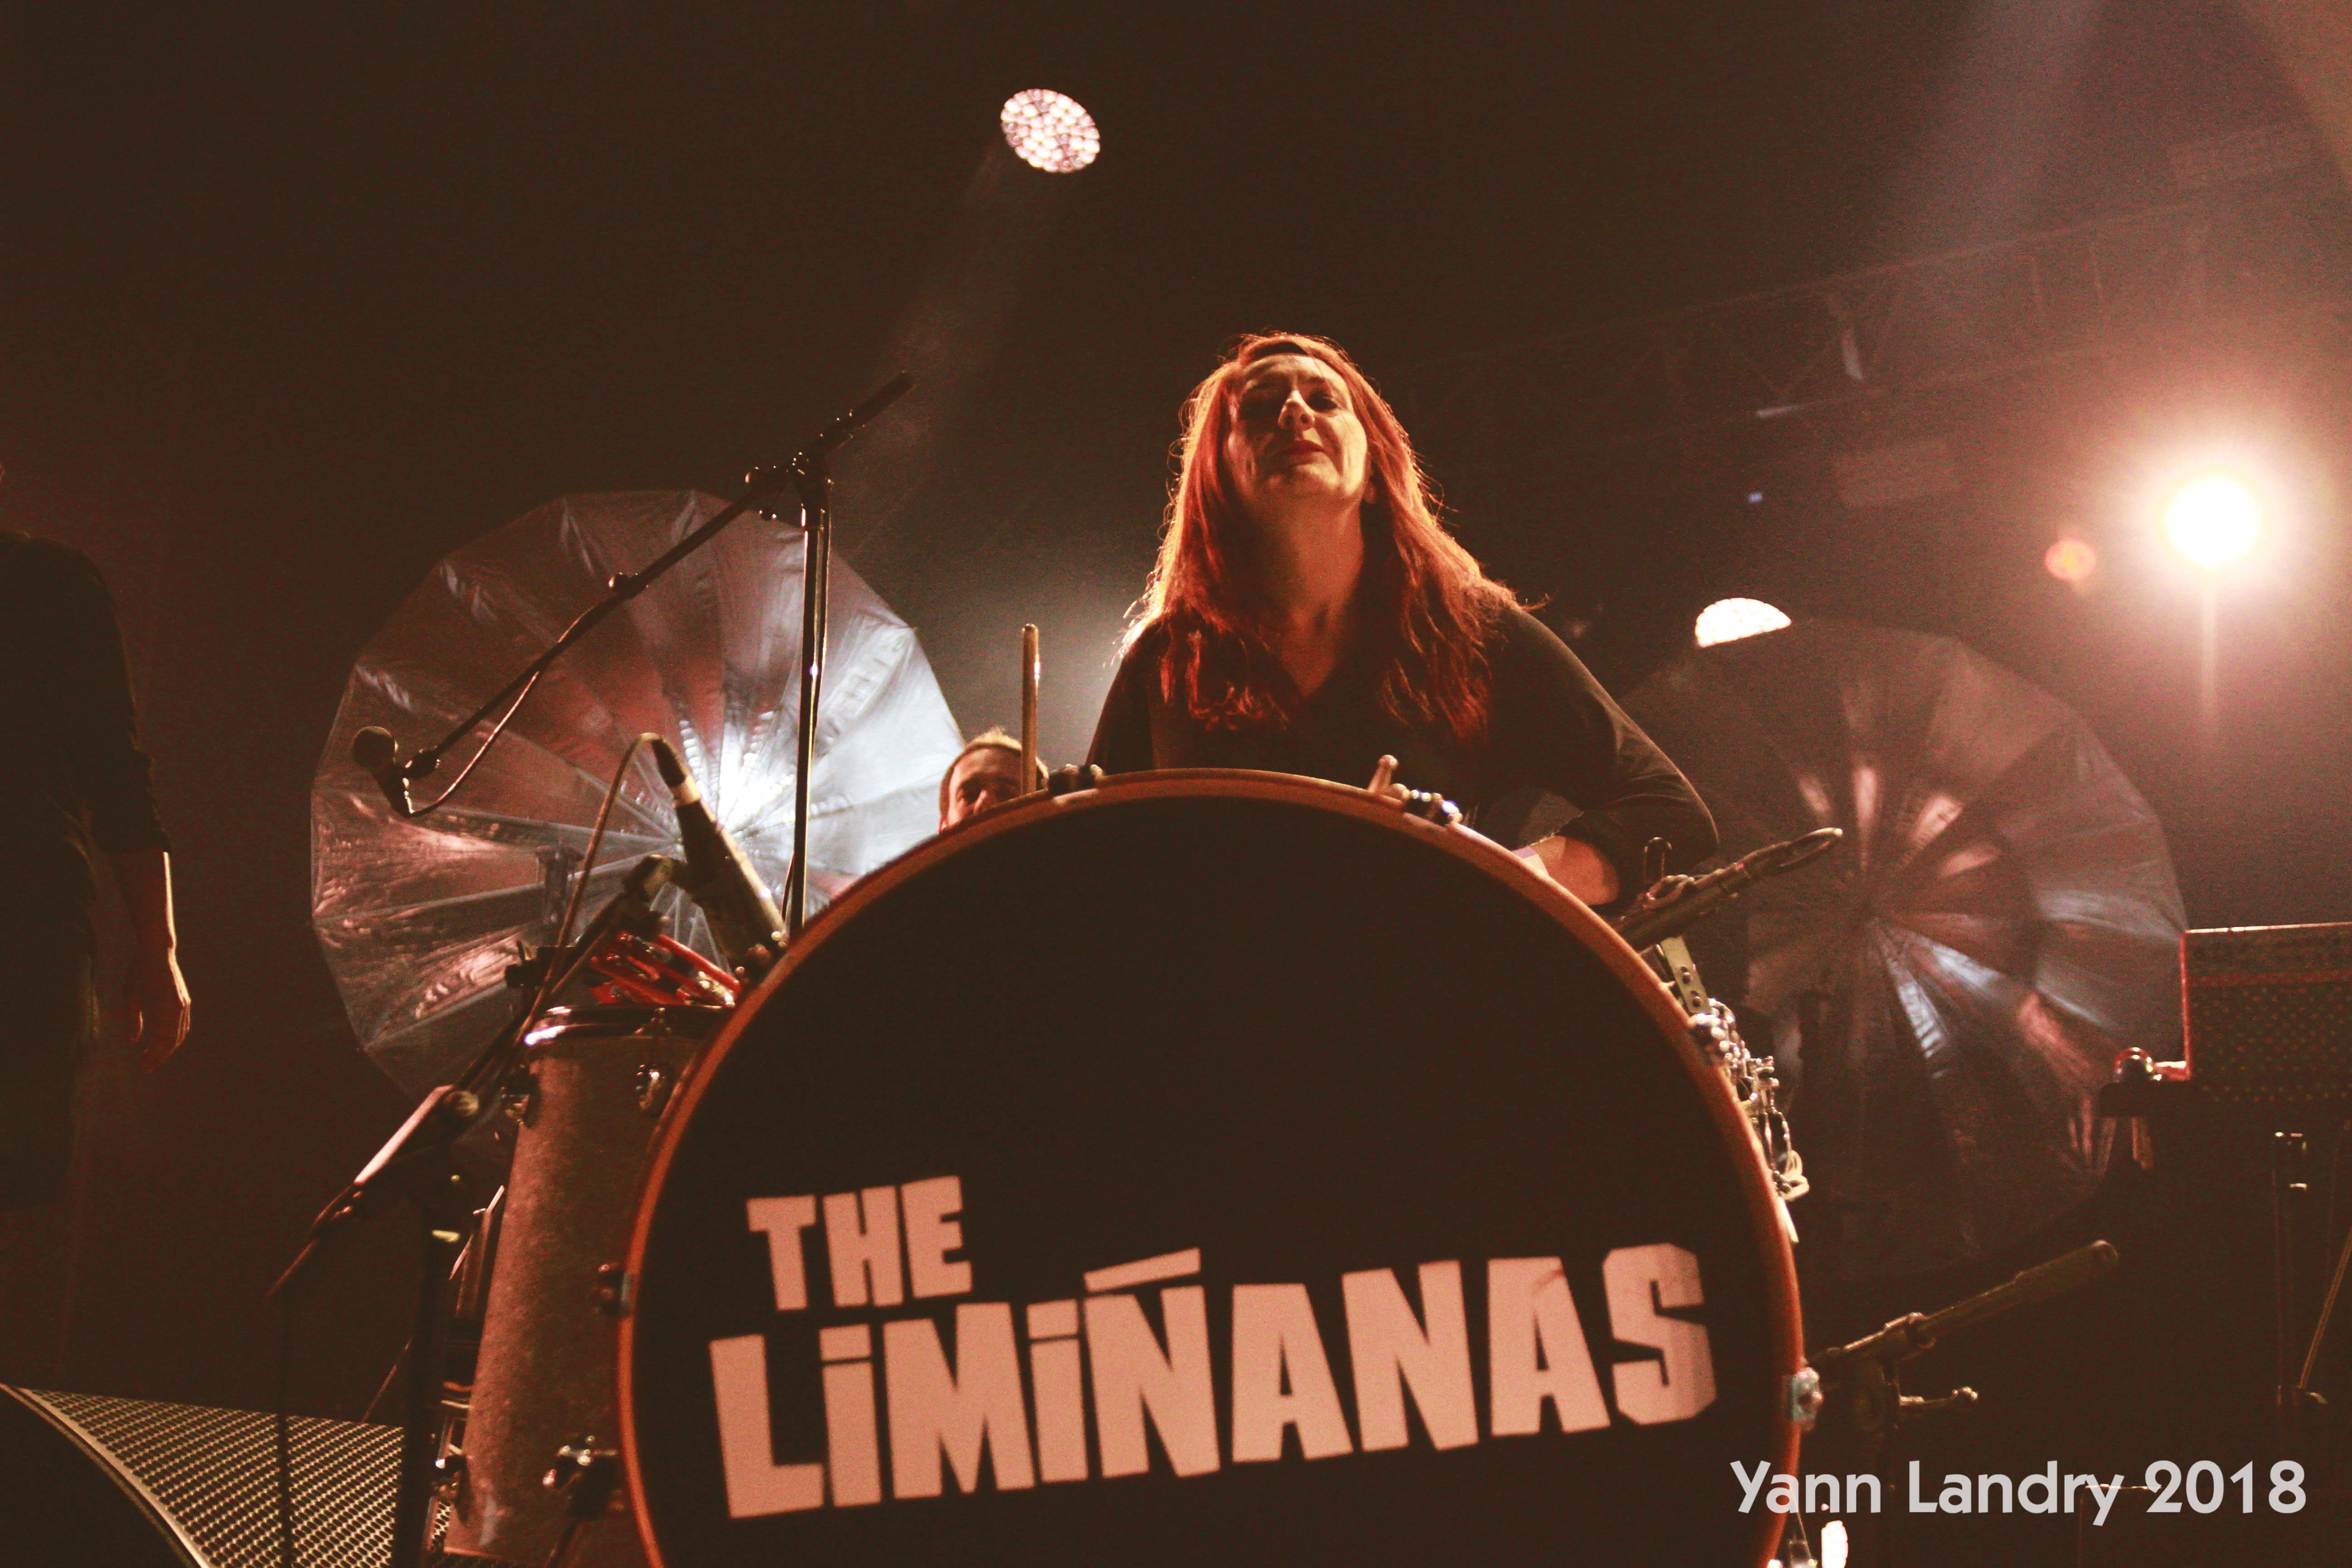 Liminanaze, pas en plan, prout prout le rythme, Rock, Backing Band, Marie, Yann Landry